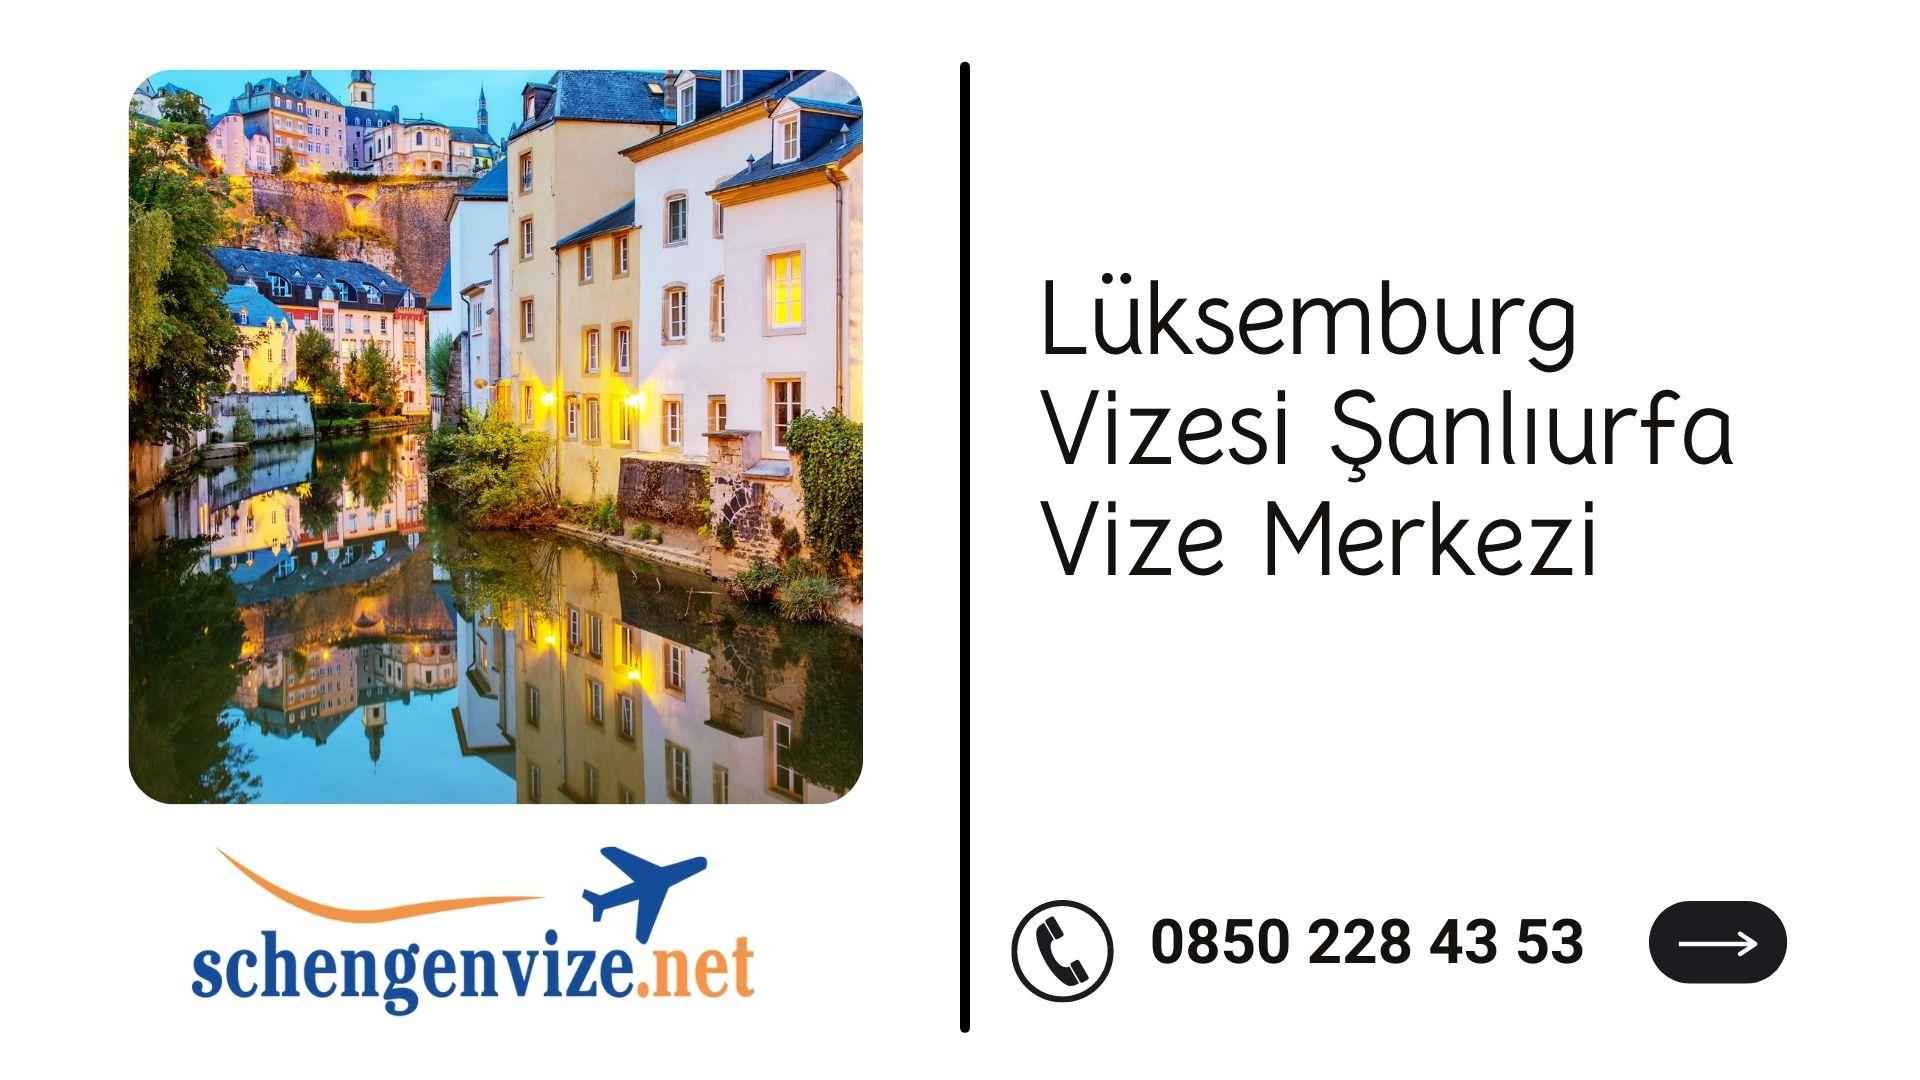 Lüksemburg Vizesi Şanlıurfa Vize Merkezi